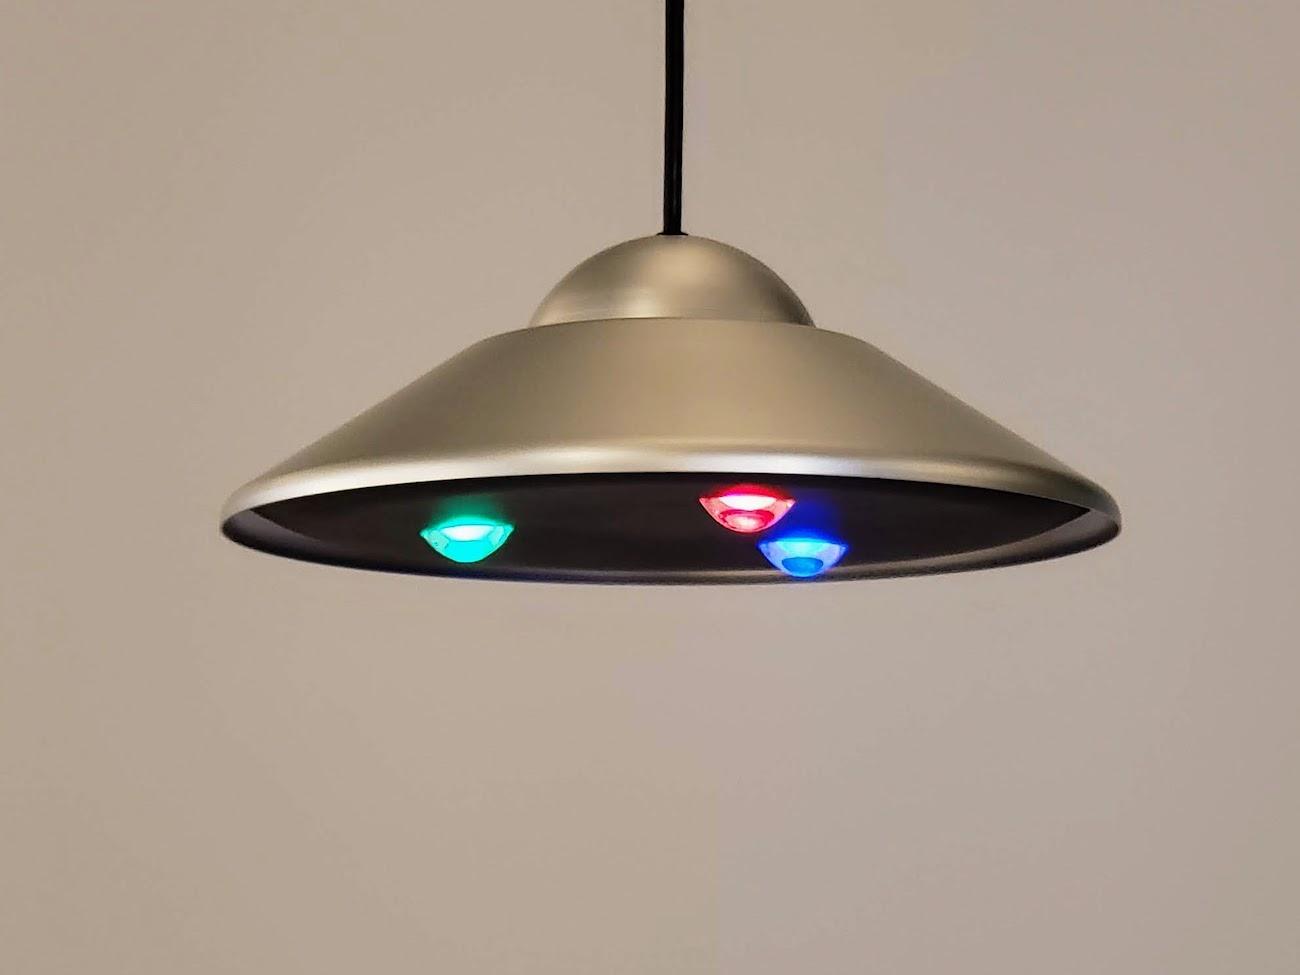 iq light 版 型